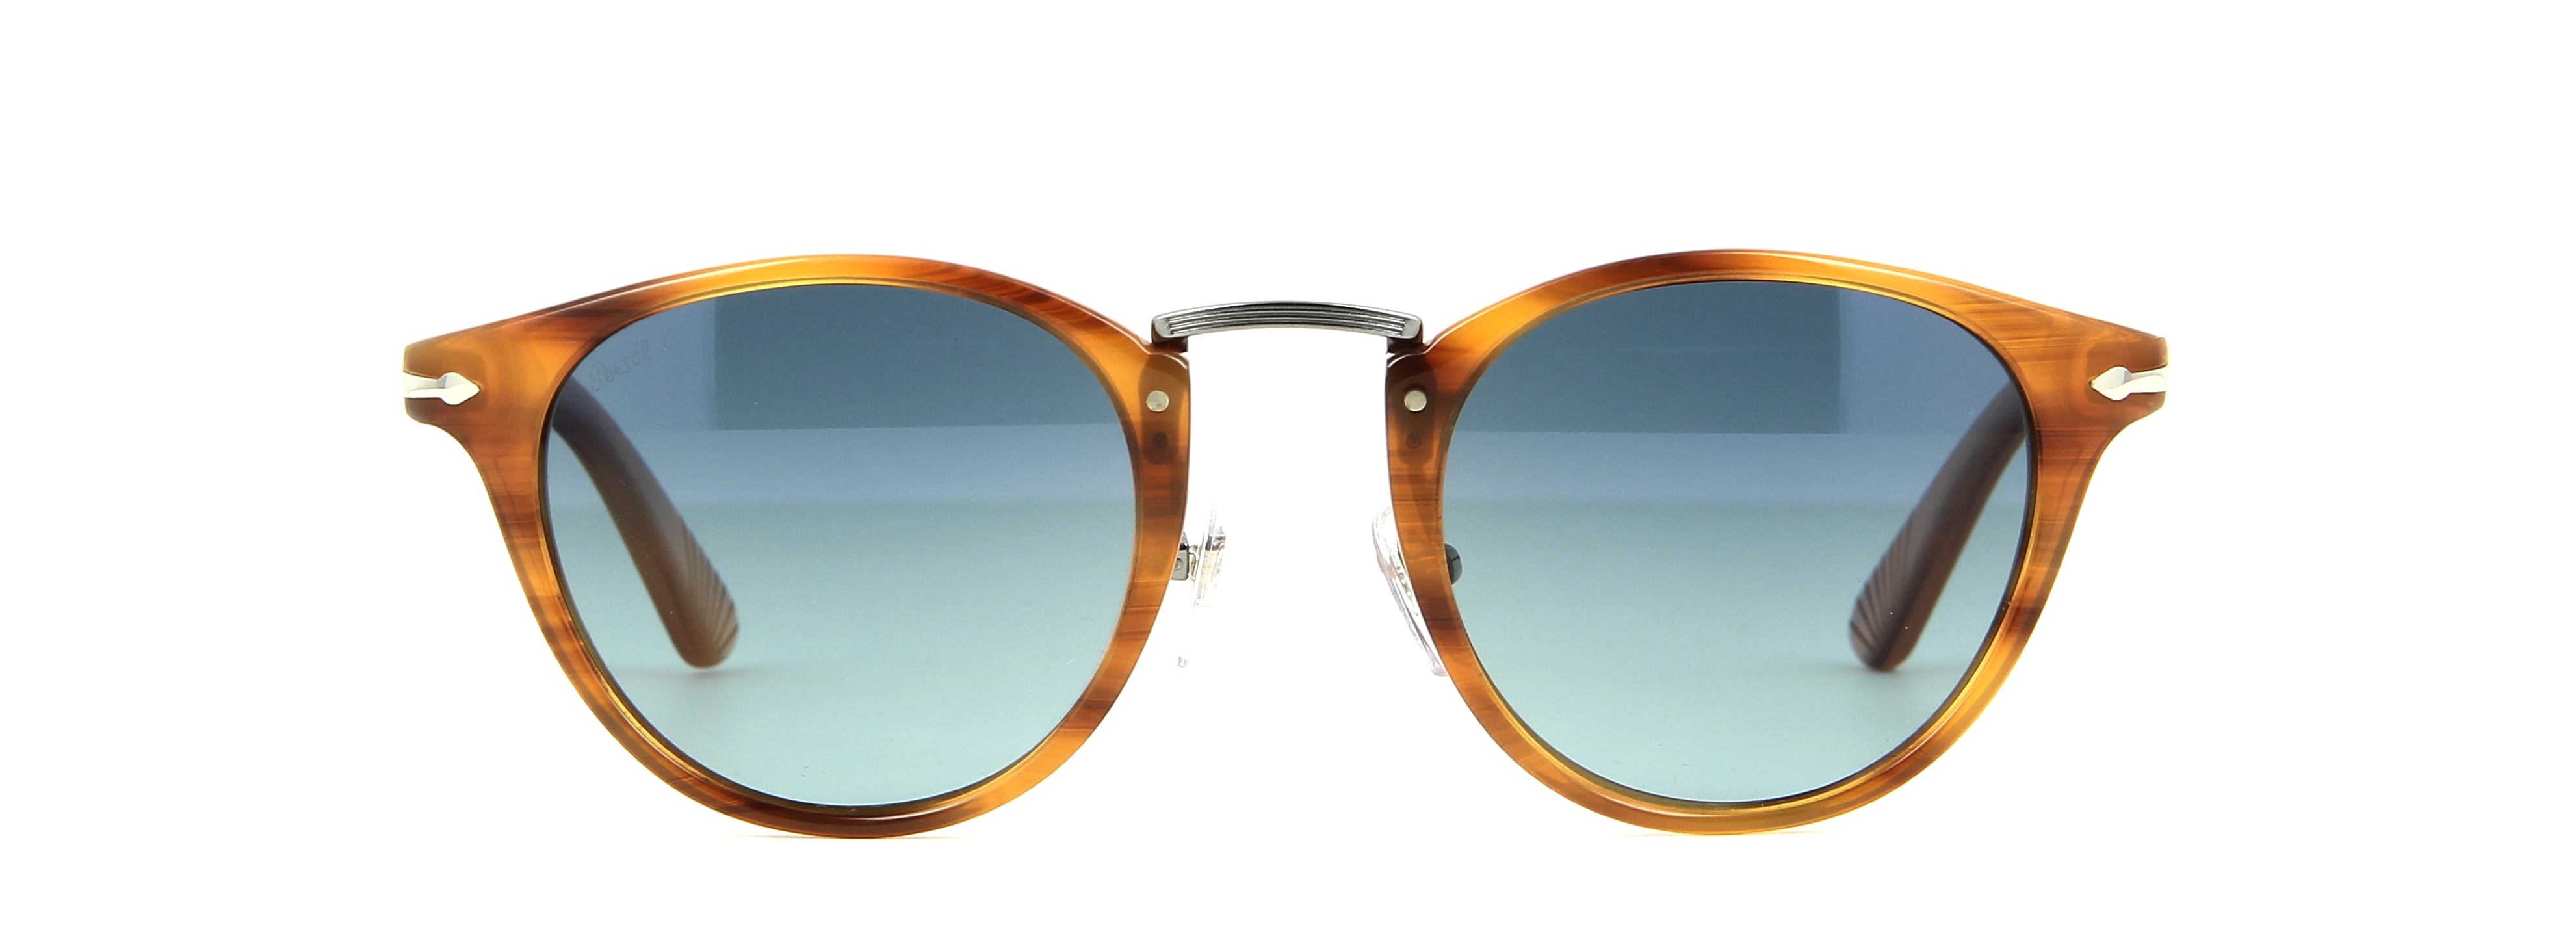 lunettes de soleil persol po 3108s 960 s3 49 22 homme marron ray arrondie cercl e tendance. Black Bedroom Furniture Sets. Home Design Ideas